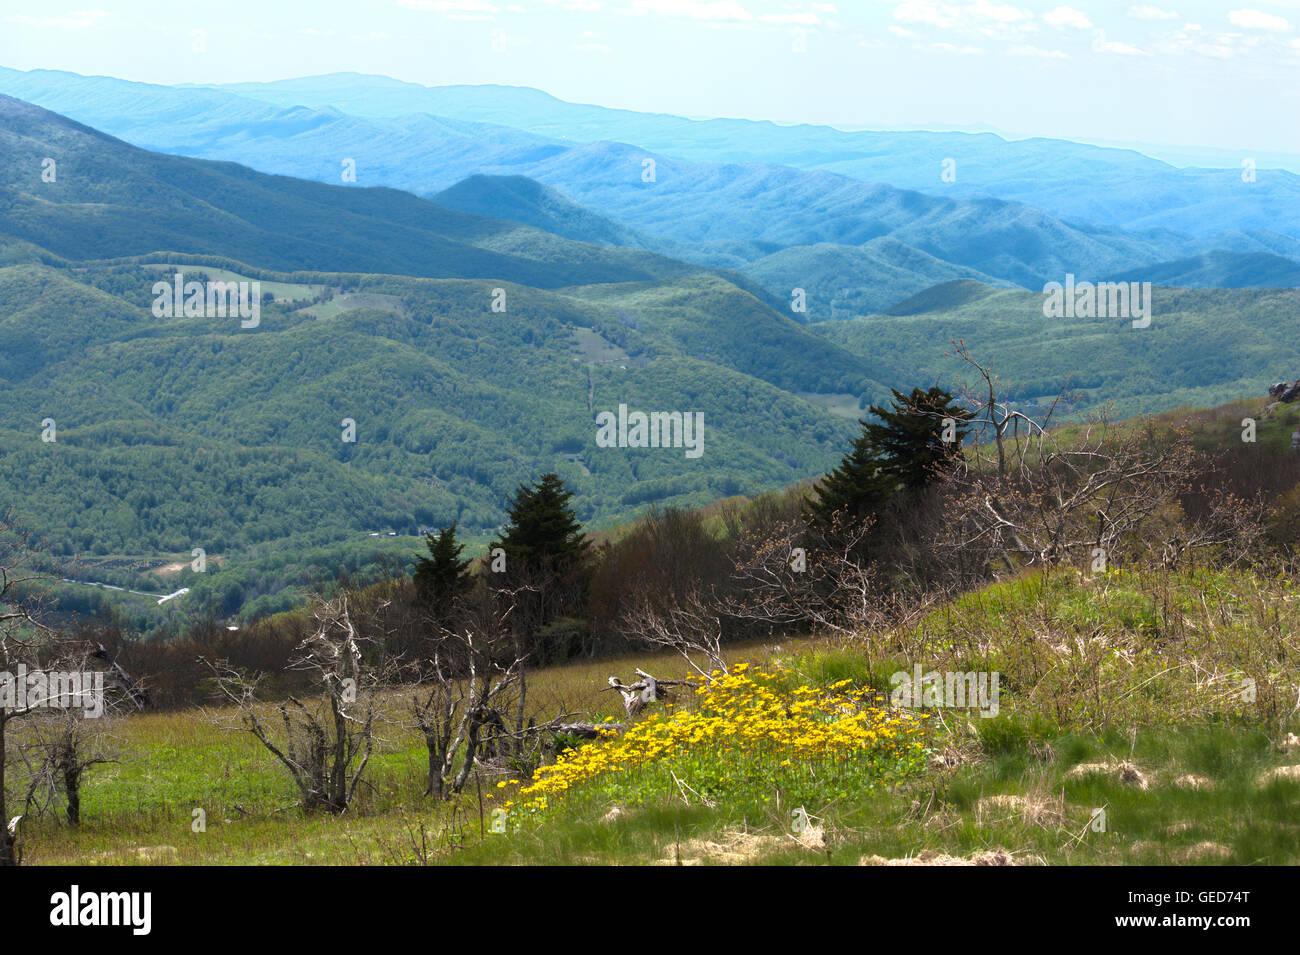 White Top Mountain, Blue Ridge Mountains, Virginia, USA - Stock Image